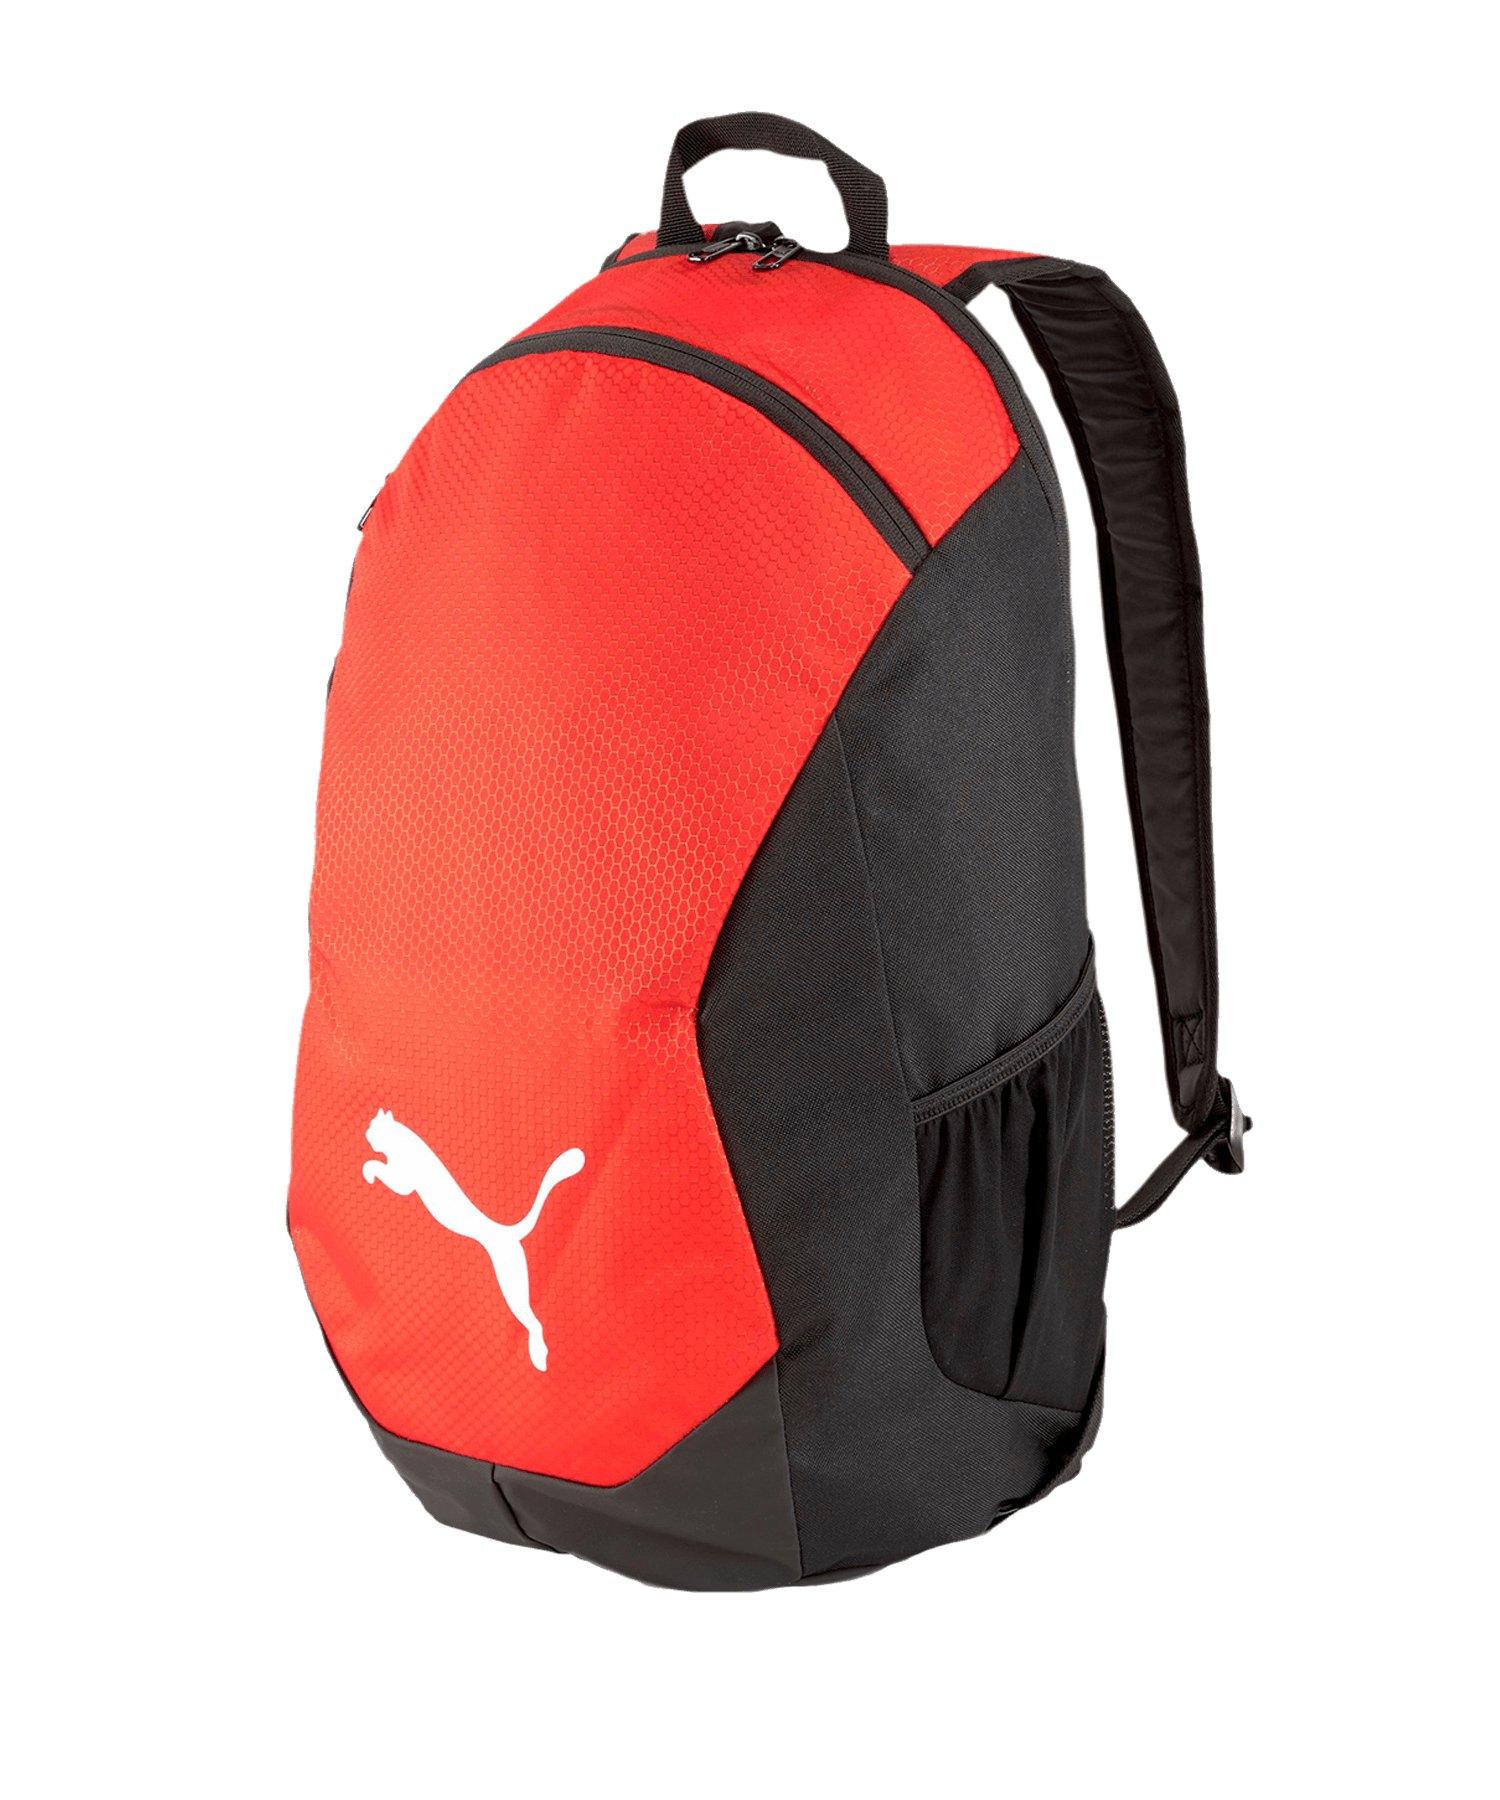 PUMA teamFINAL 21 Backpack Rucksack Rot F01 - rot